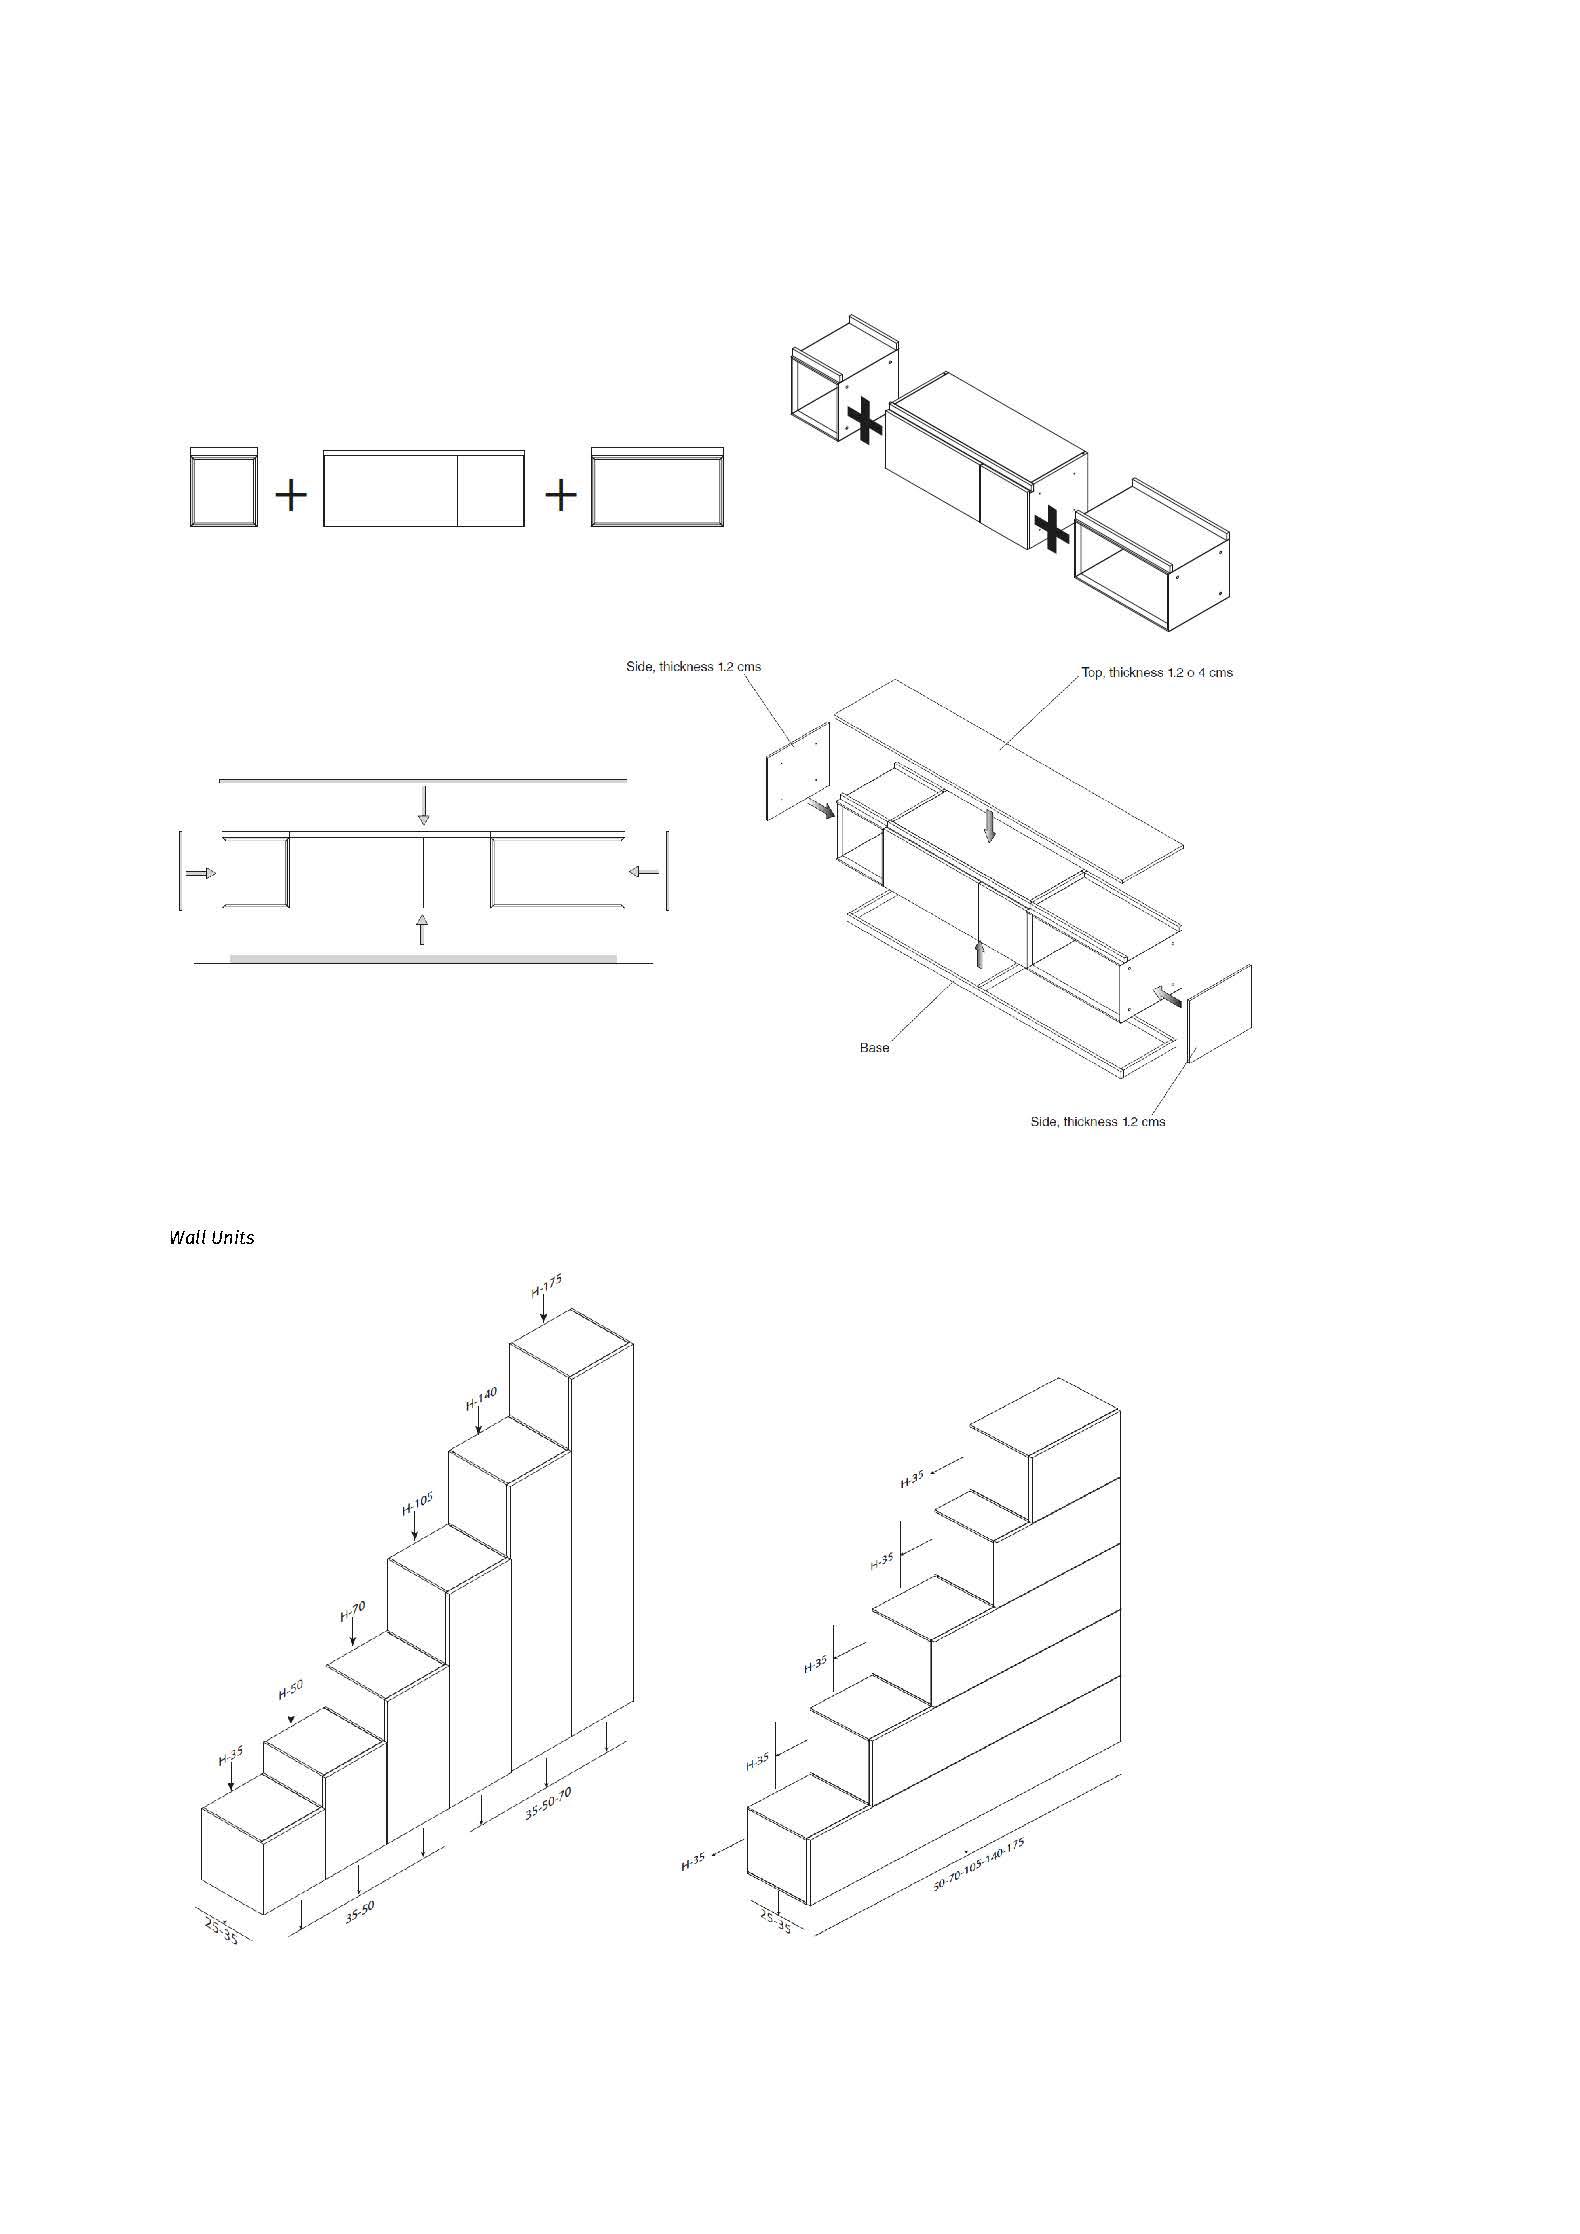 Medidas y datos técnicos composición modular de salón